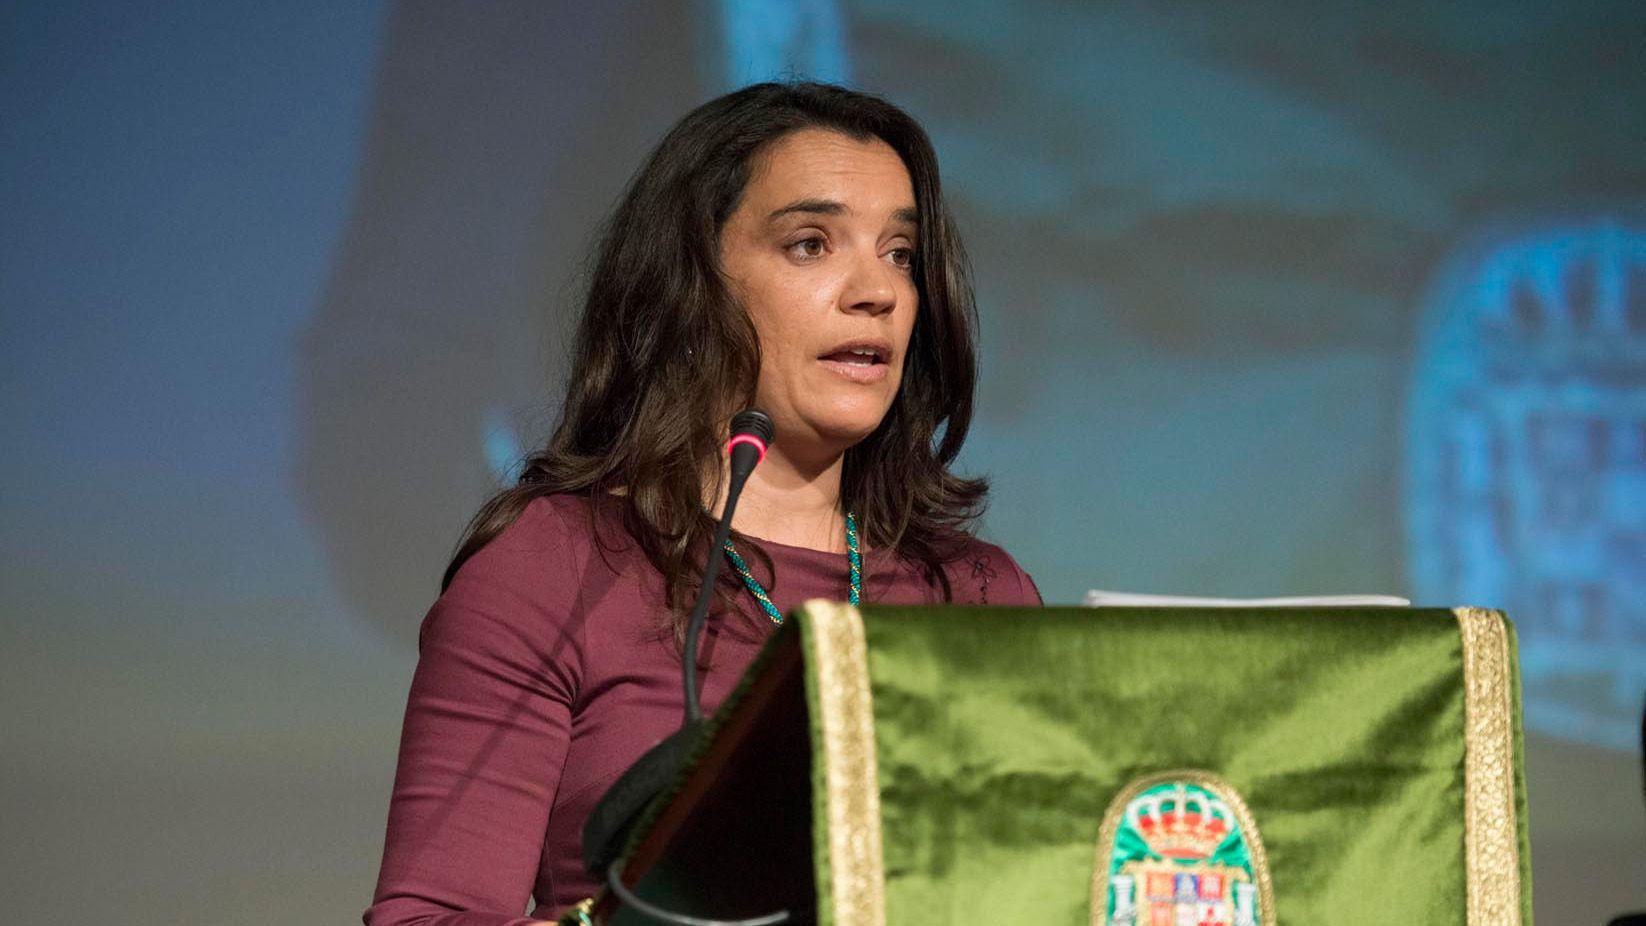 Rocío Montero durante un acto para la Diputación de Cádiz | Imagen de Rocío Hernández